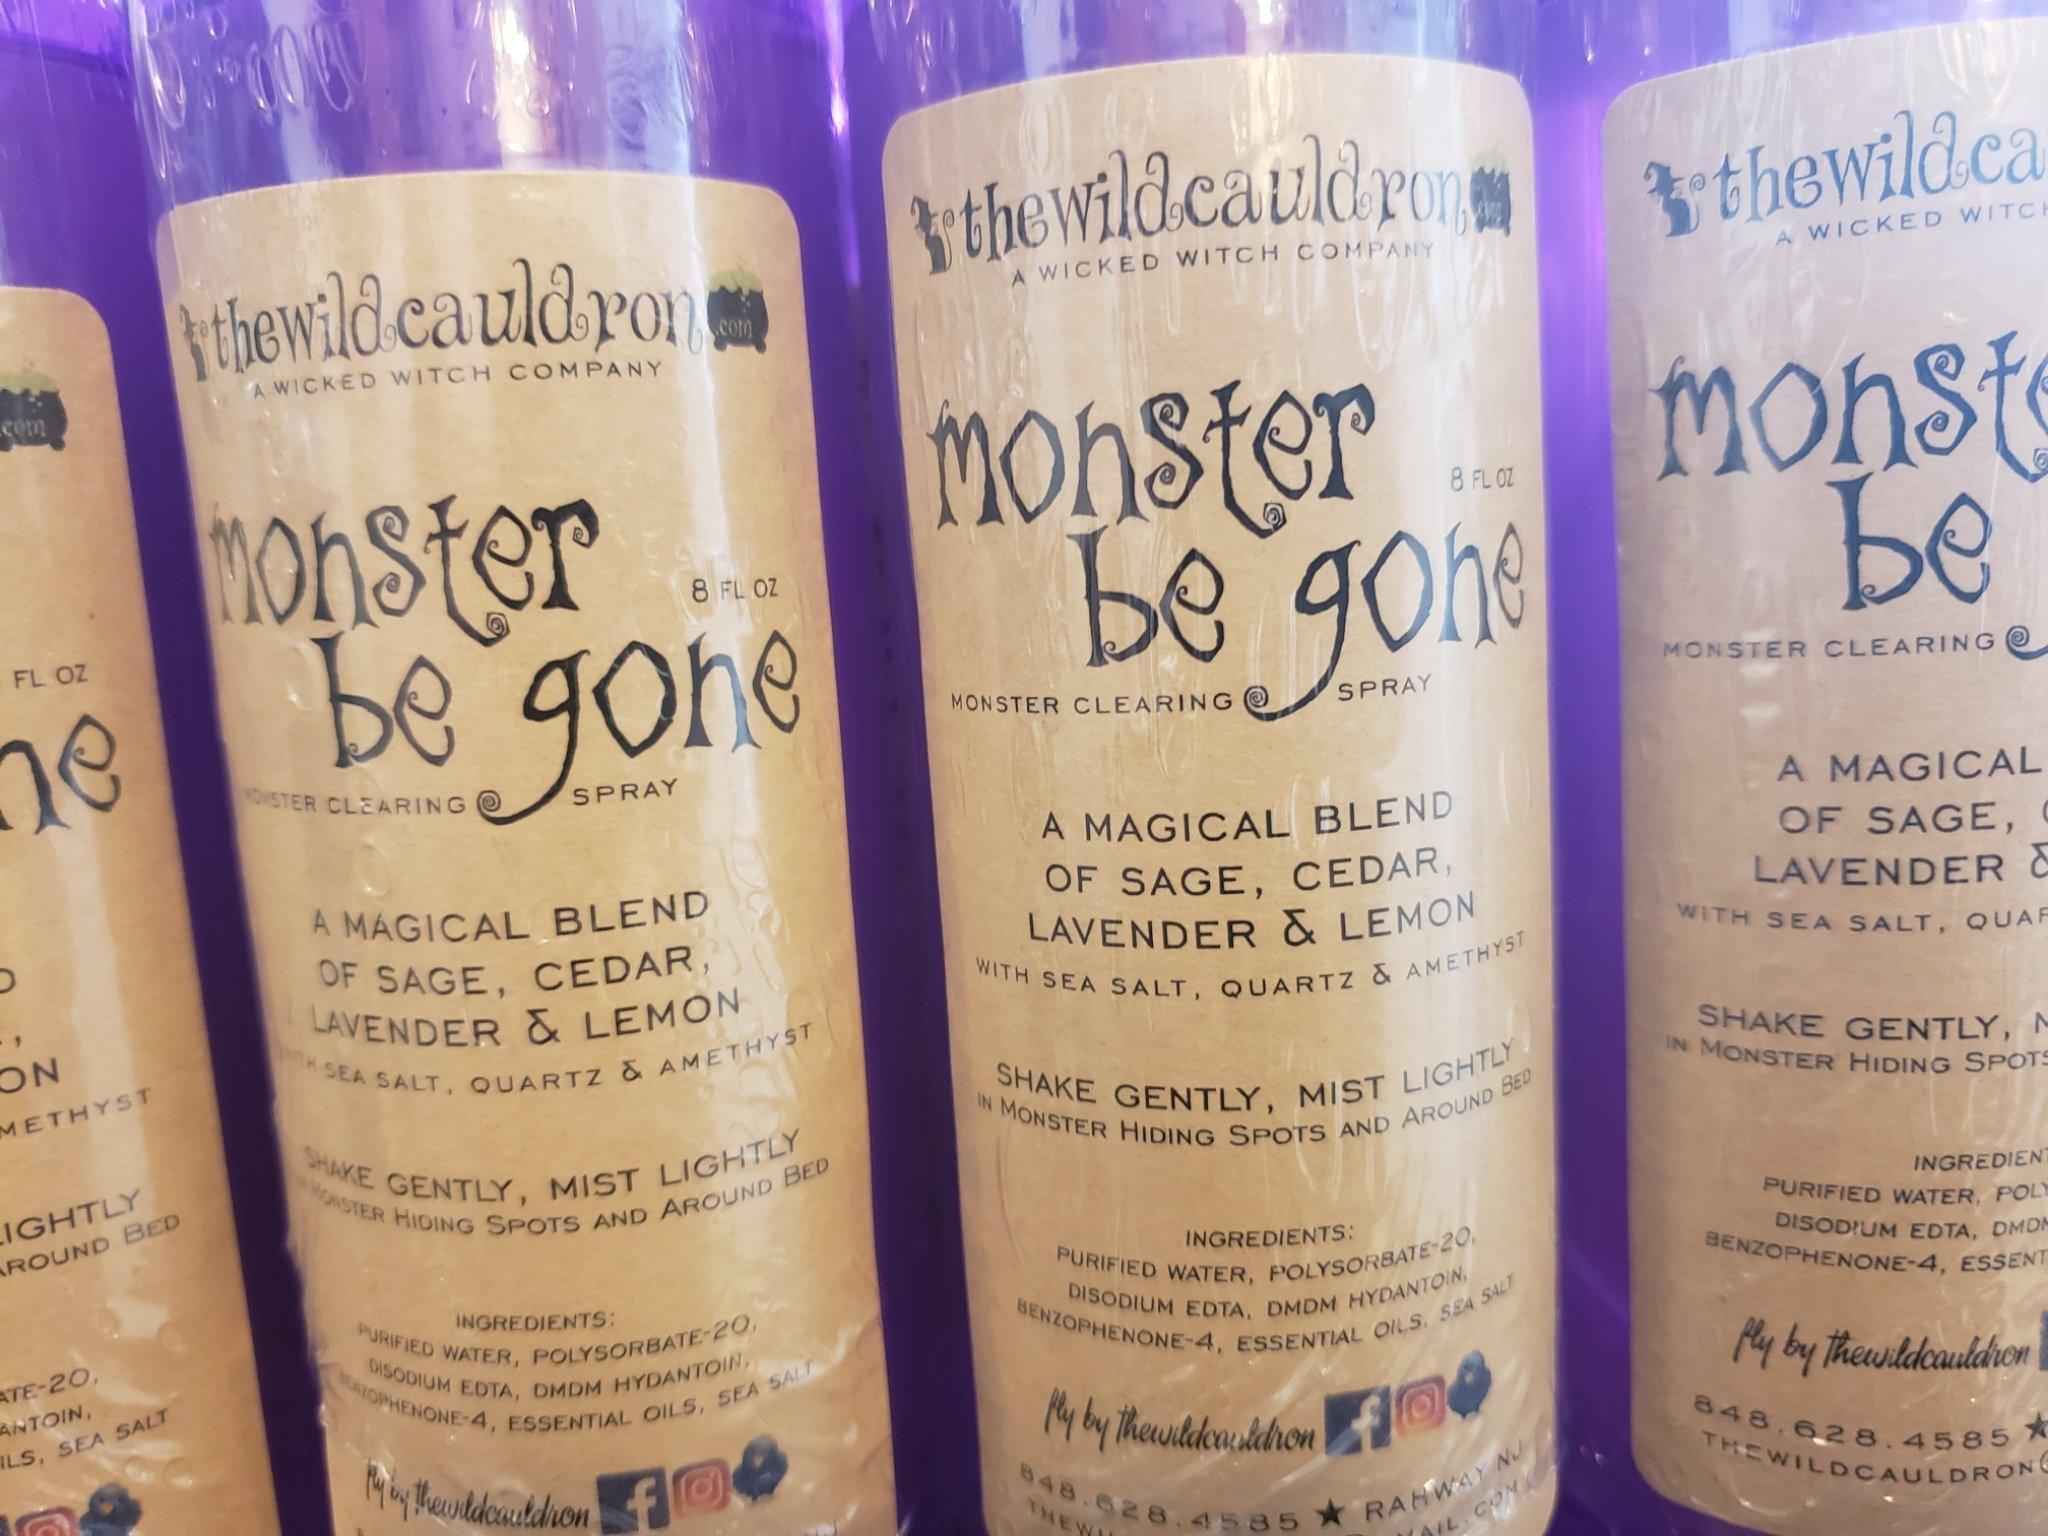 Monster Be Gone Spray MBG8